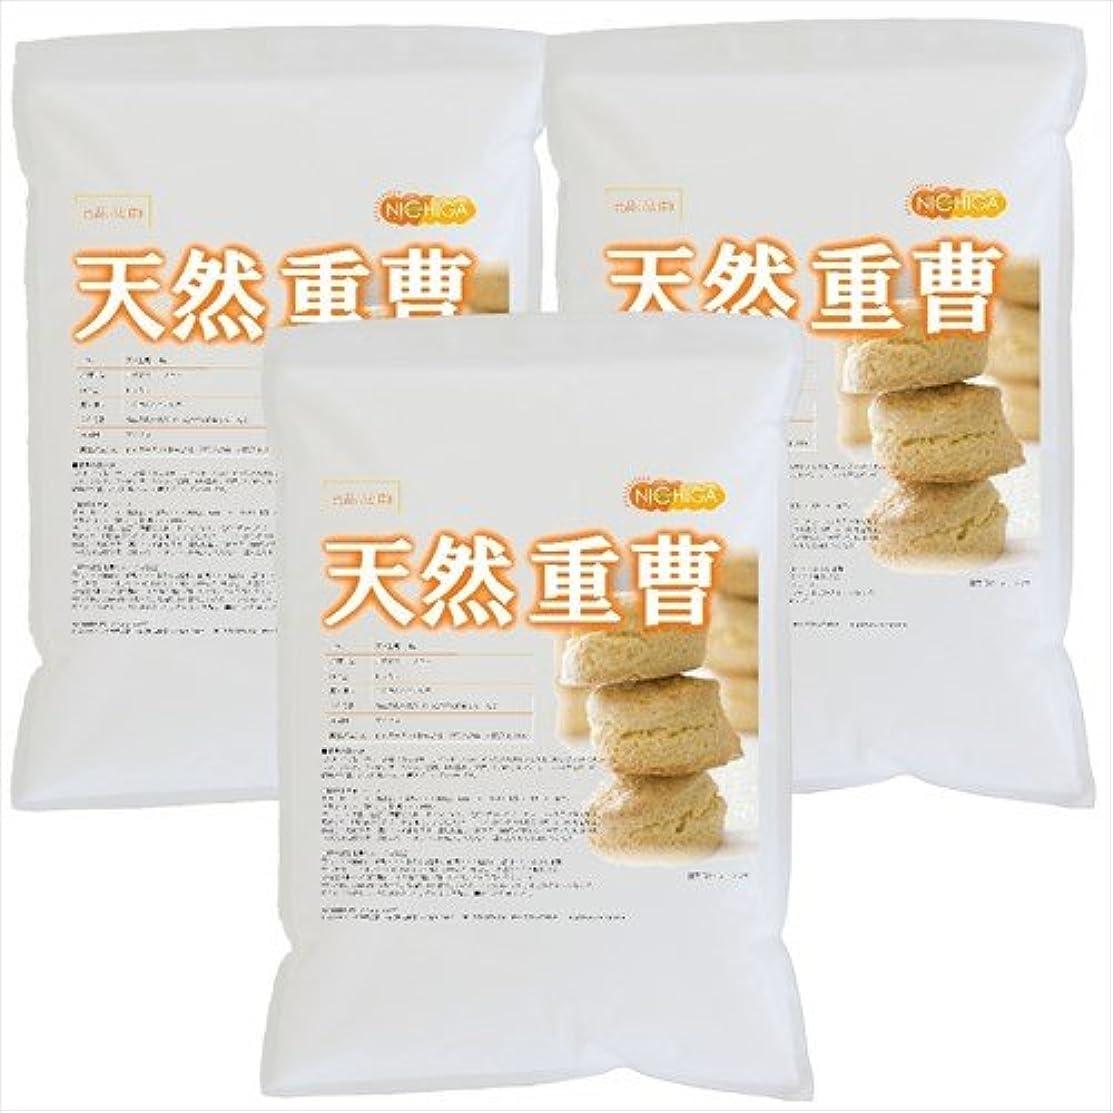 入り口重なるコントラスト天然 重曹 5kg×3袋 [02] 炭酸水素ナトリウム 食品添加物(食品用)NICHIGA(ニチガ)